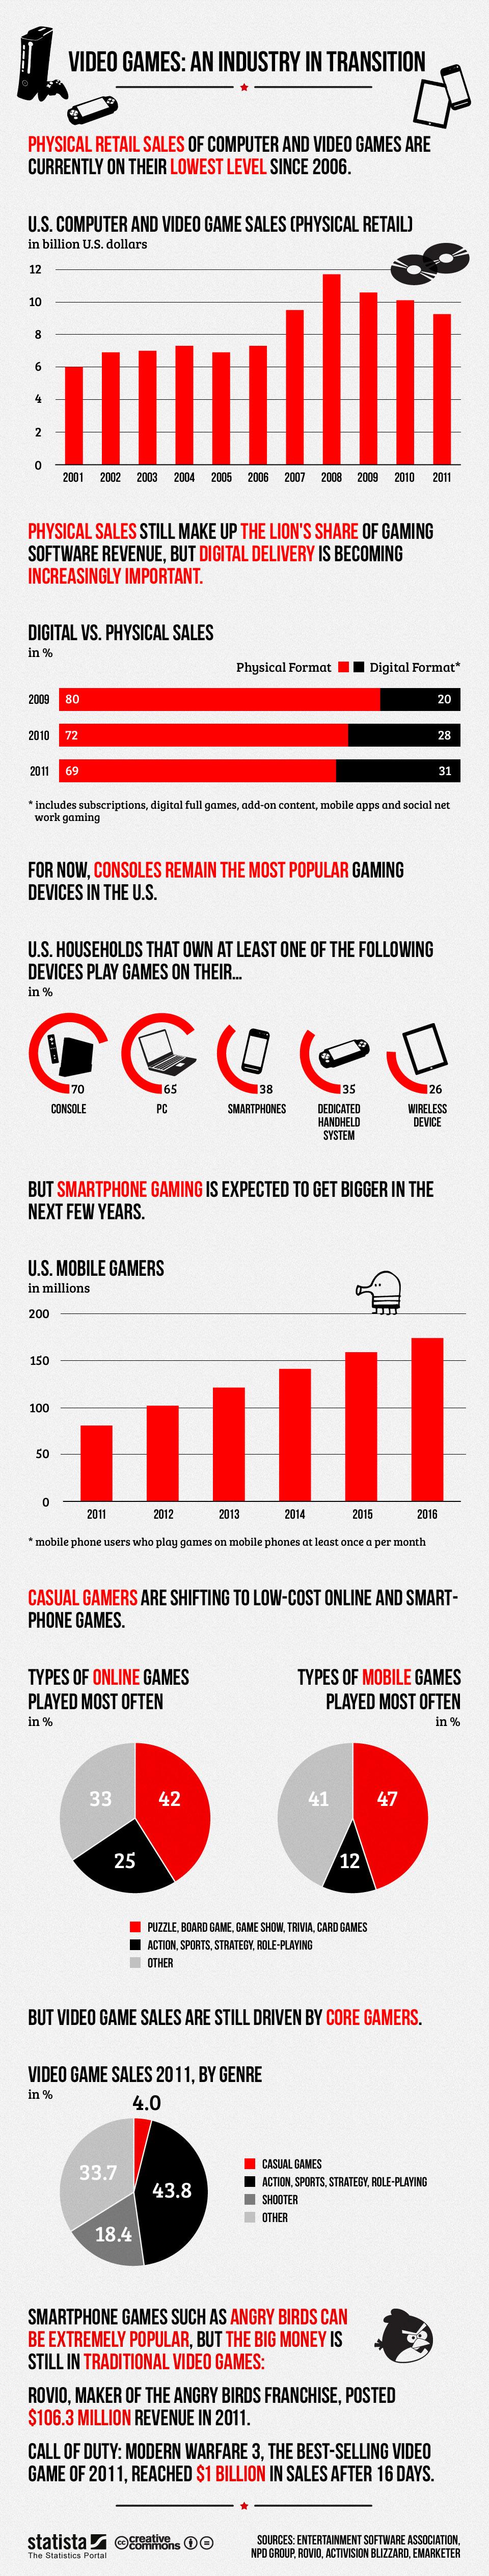 Retail versus digital video game sales